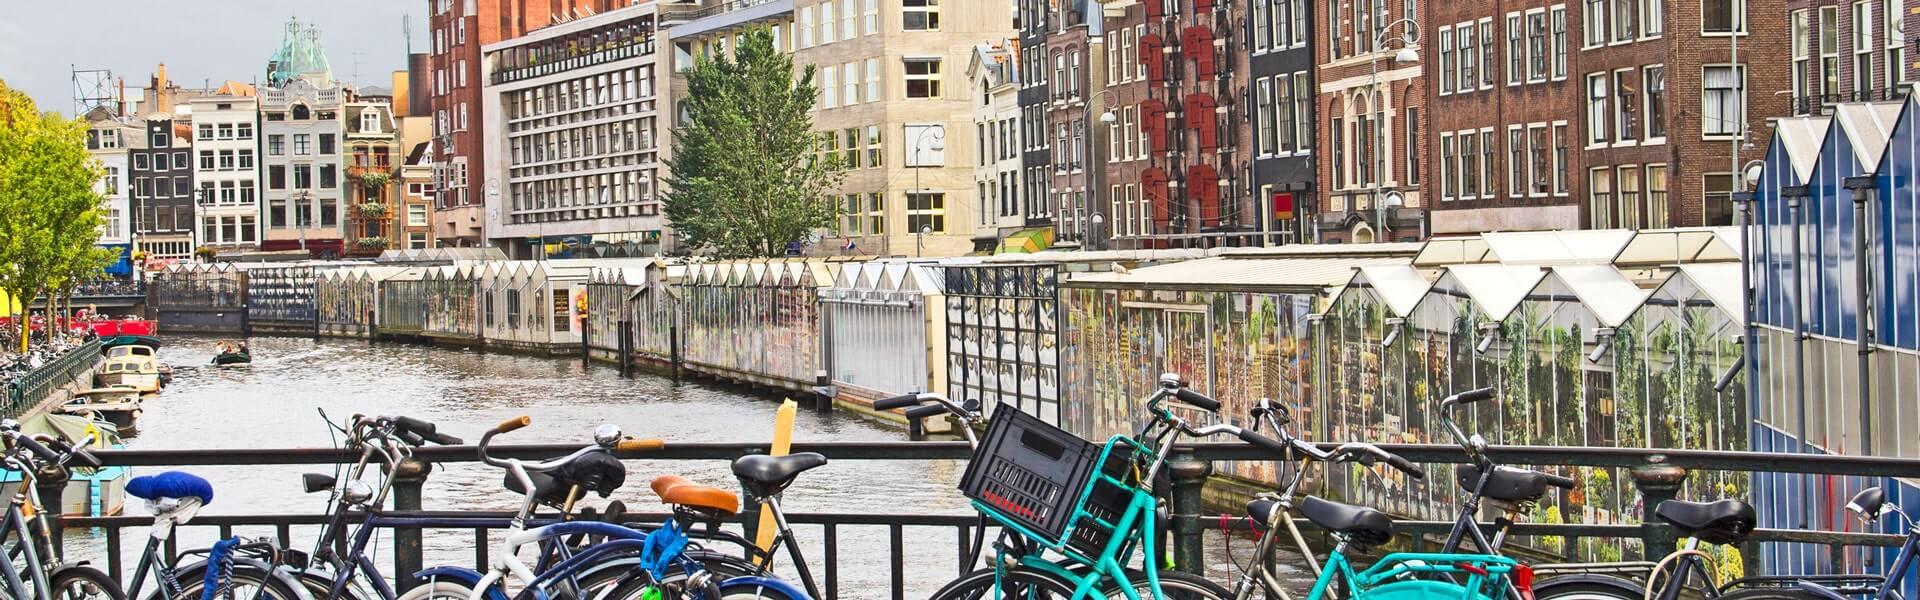 Städtetrip Betriebsausflug nach Amsterdam mit b-ceed - Fahrradtour durch Amsterdam